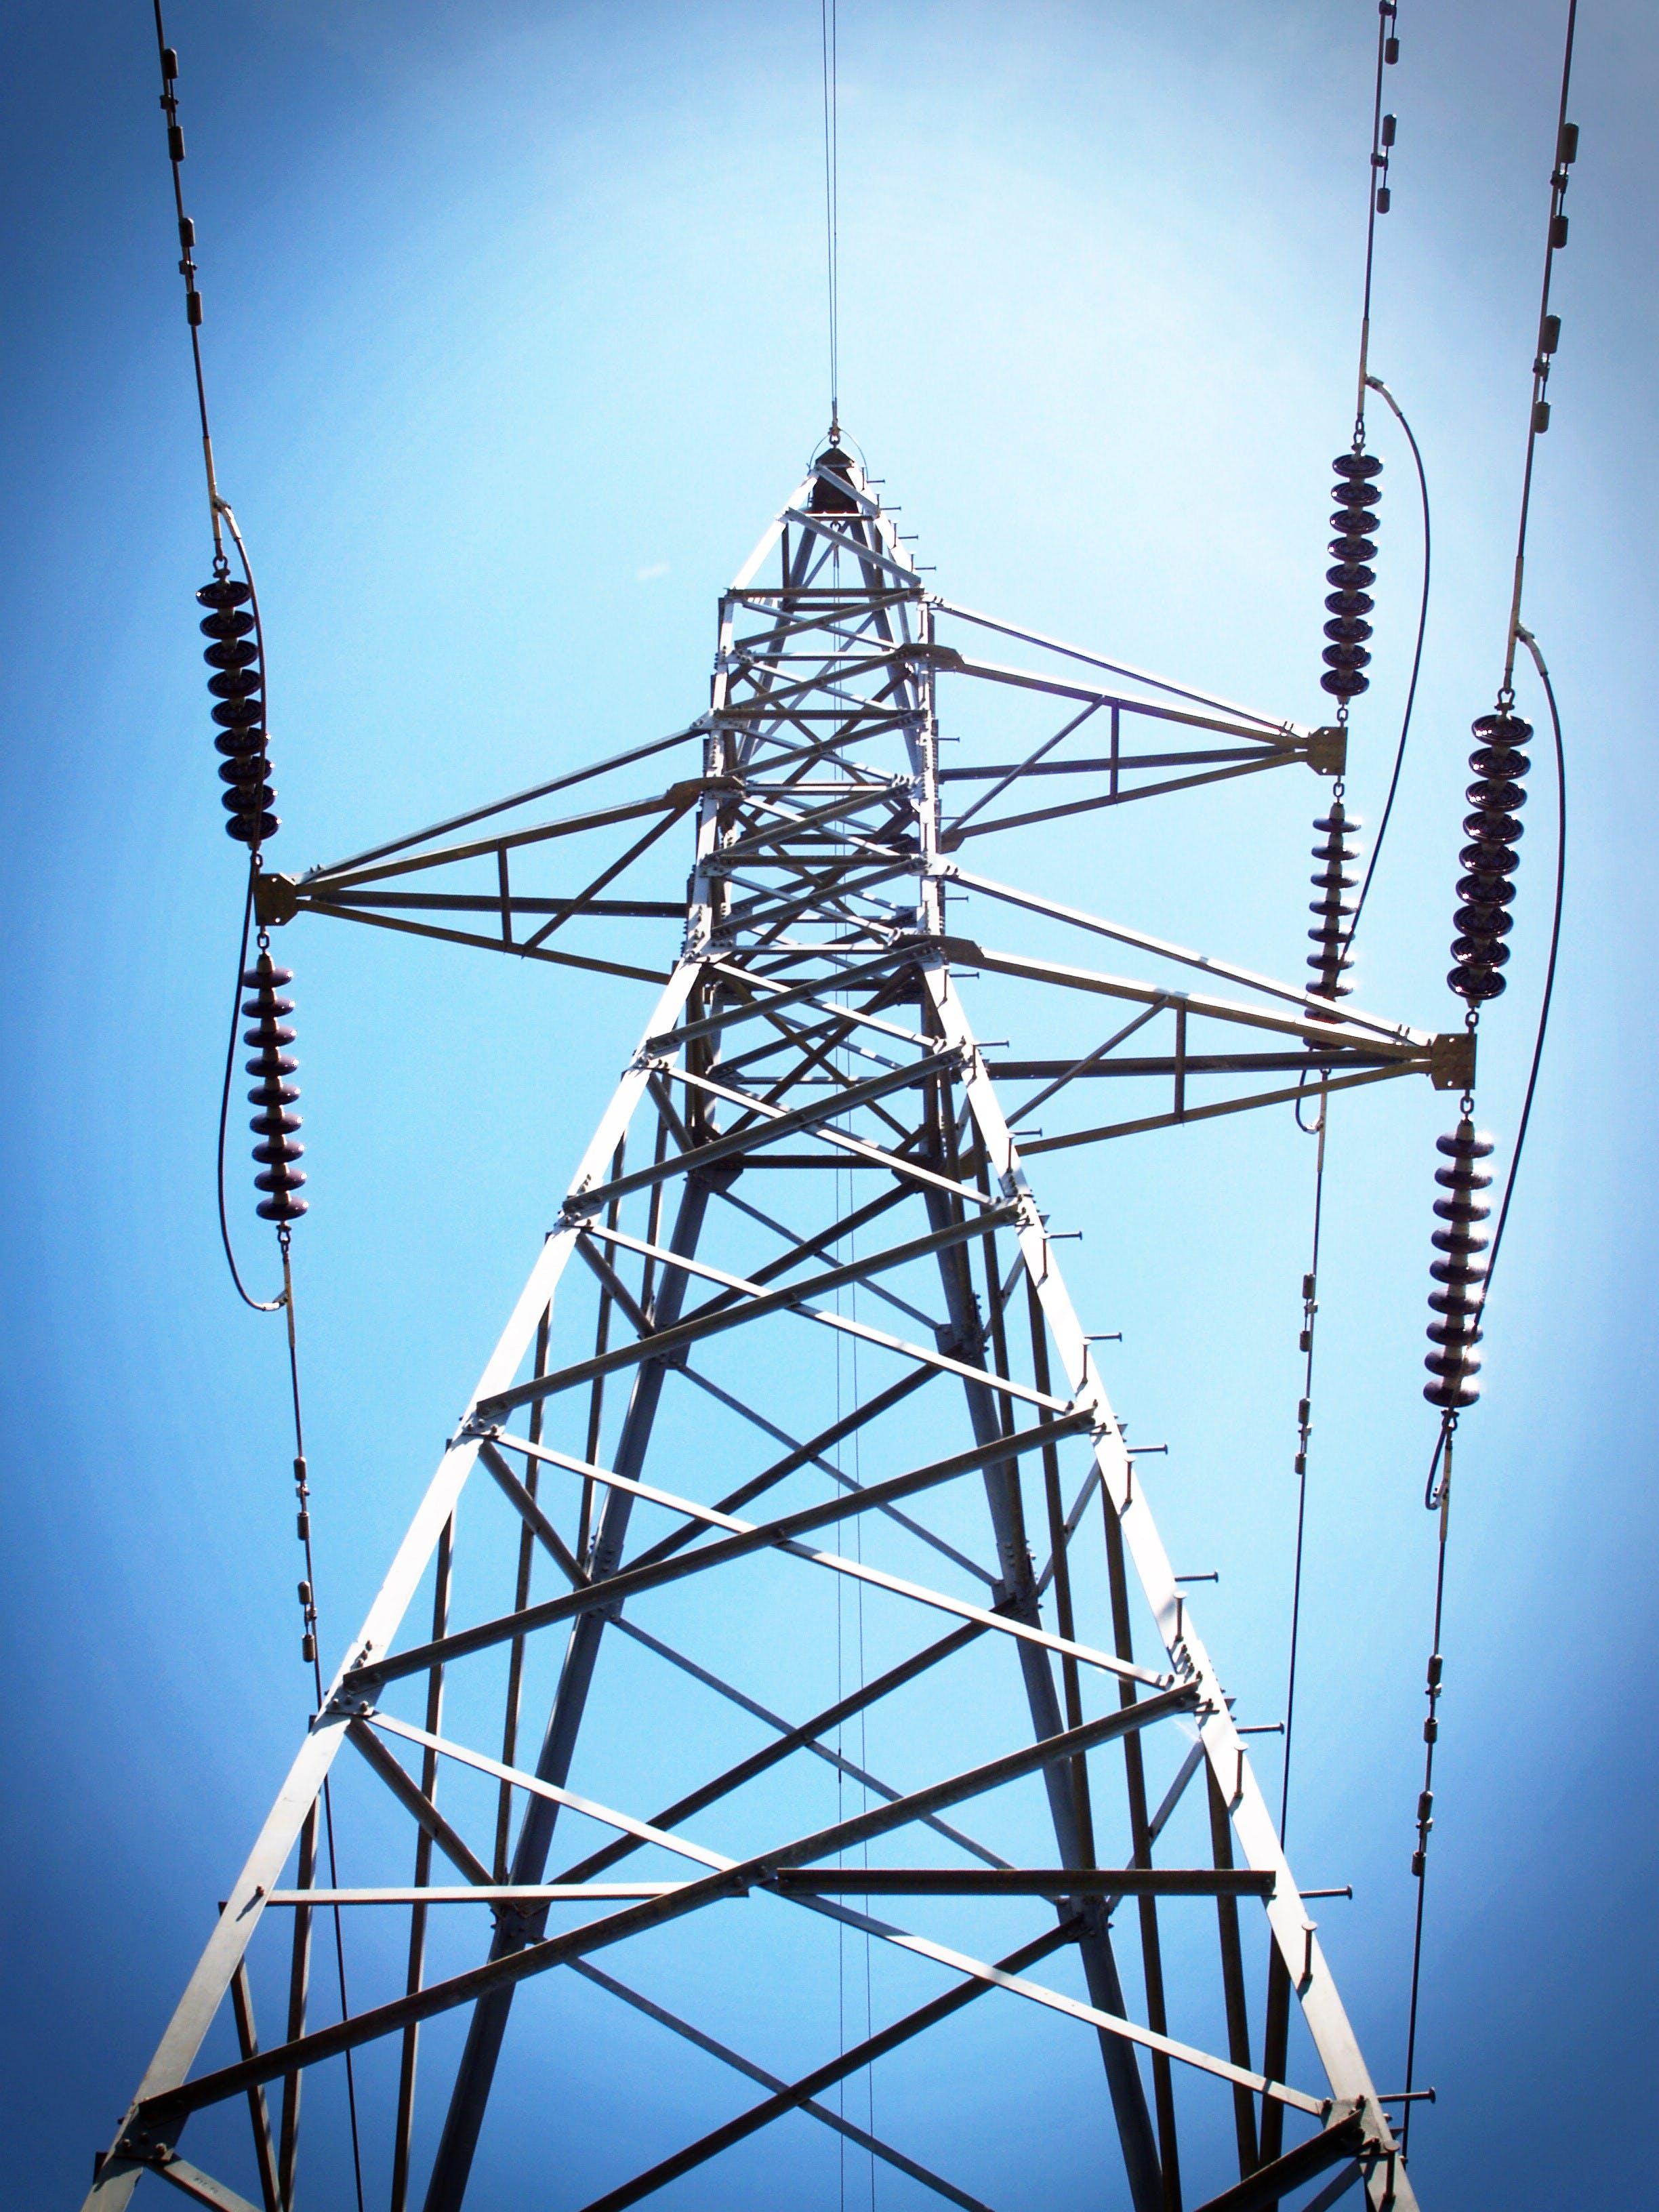 Kostenloses Stock Foto zu aufnahme von unten, blau, drähte, elektrizität